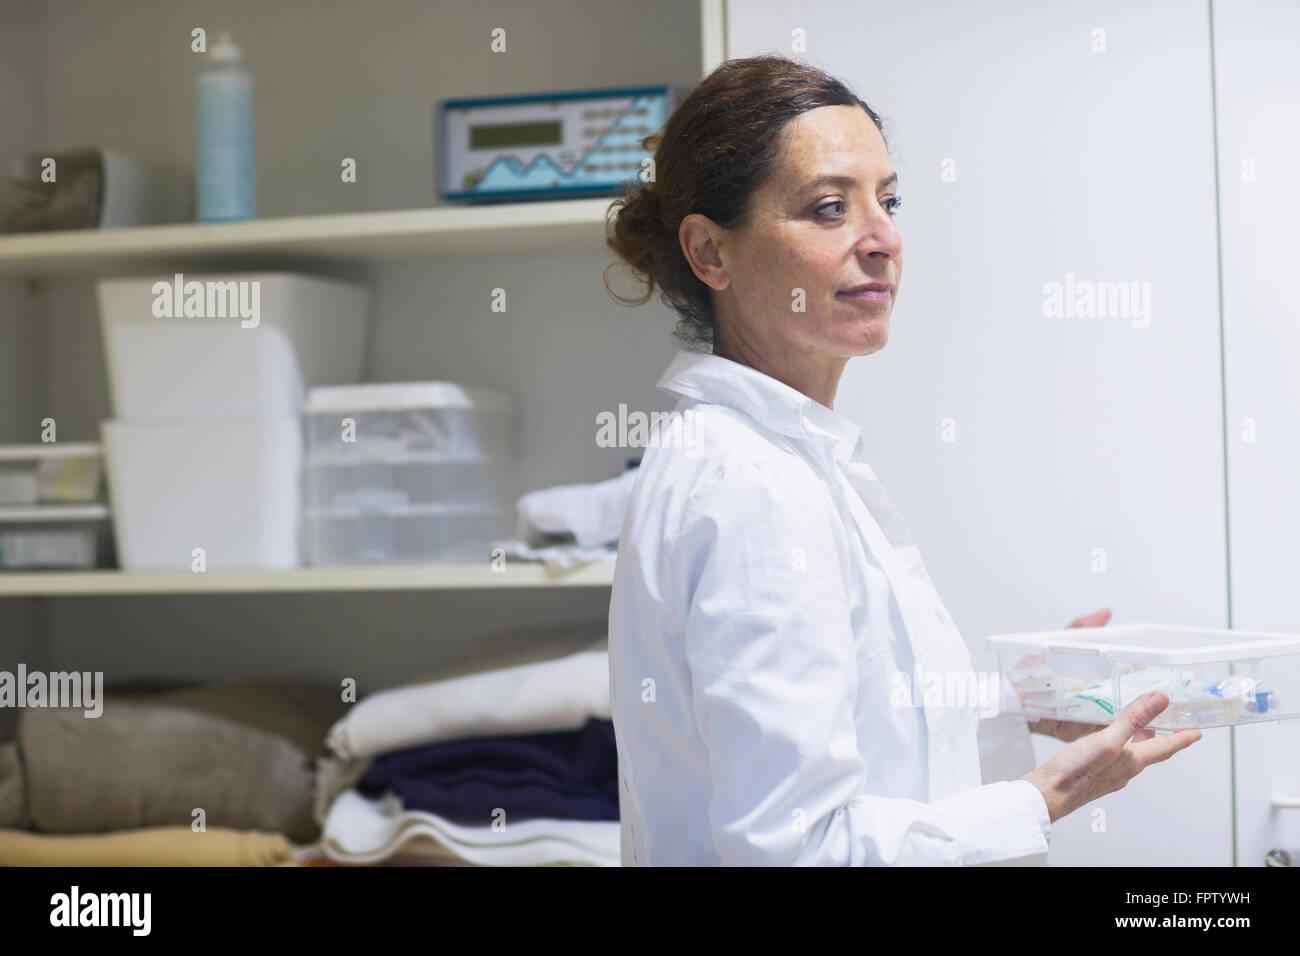 Doctora en Medicina, sosteniendo un cuadro de Friburgo de Brisgovia, Baden-Wurtemberg, Alemania Foto de stock